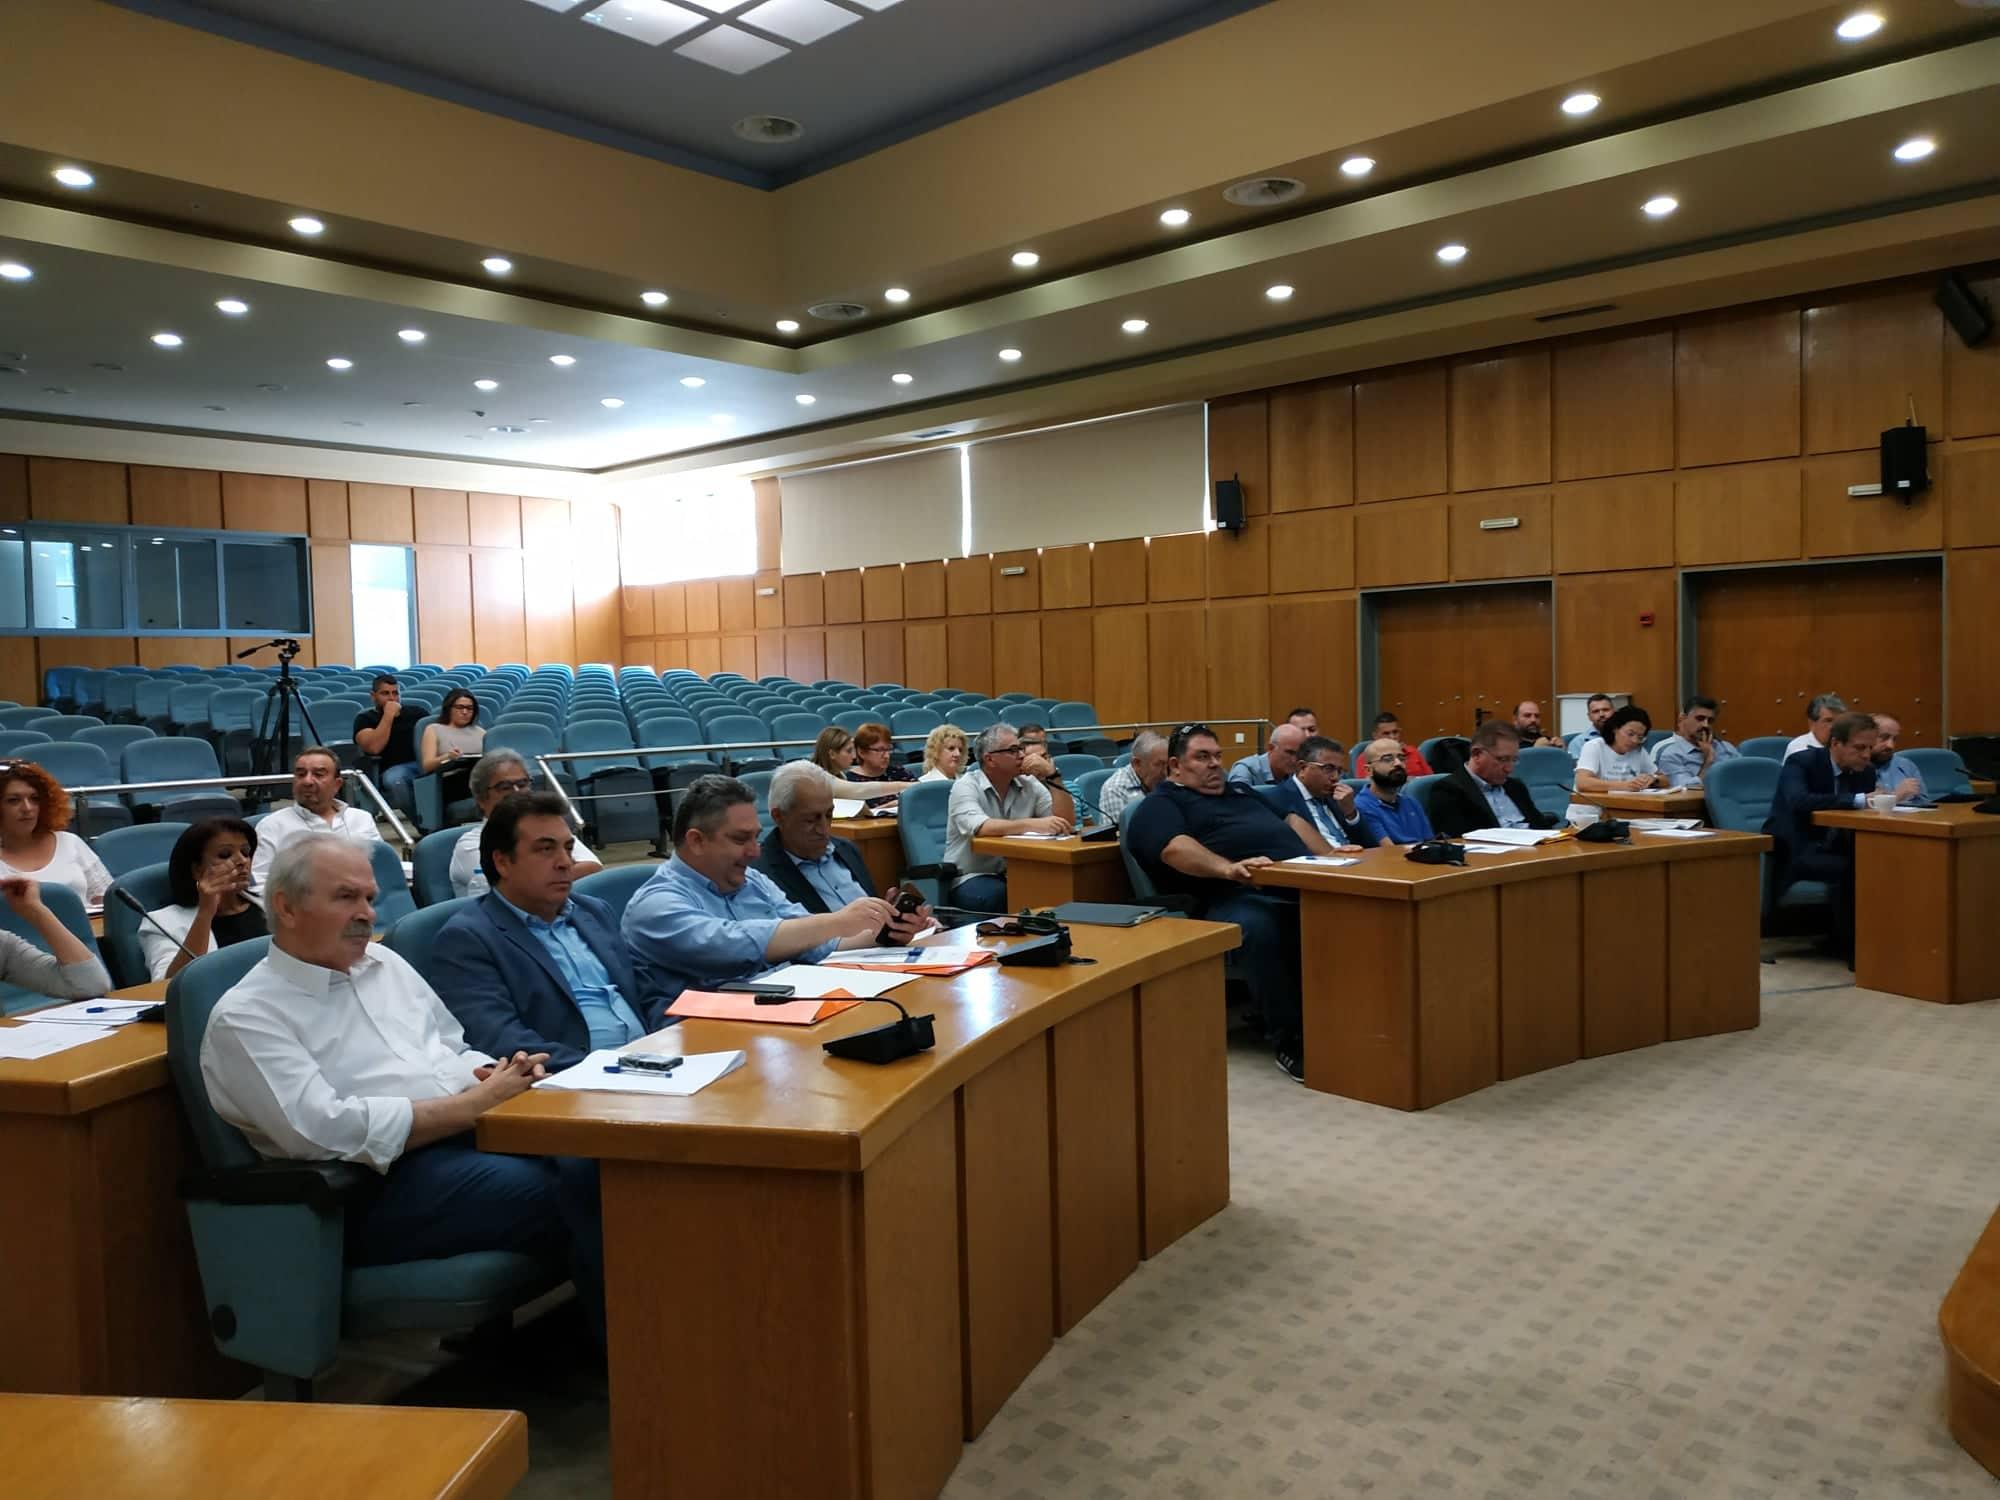 ΠΔΕ: Συνάντηση εργασίας στον Πύργο του Περιφερειάρχη Νεκτάριου Φαρμάκη με τους δημάρχους της Ηλείας για την πορεία υλοποίησης των ενταγμένων έργων στο Ε.Π. «Δυτική Ελλάδα 2014-2020» (photos)